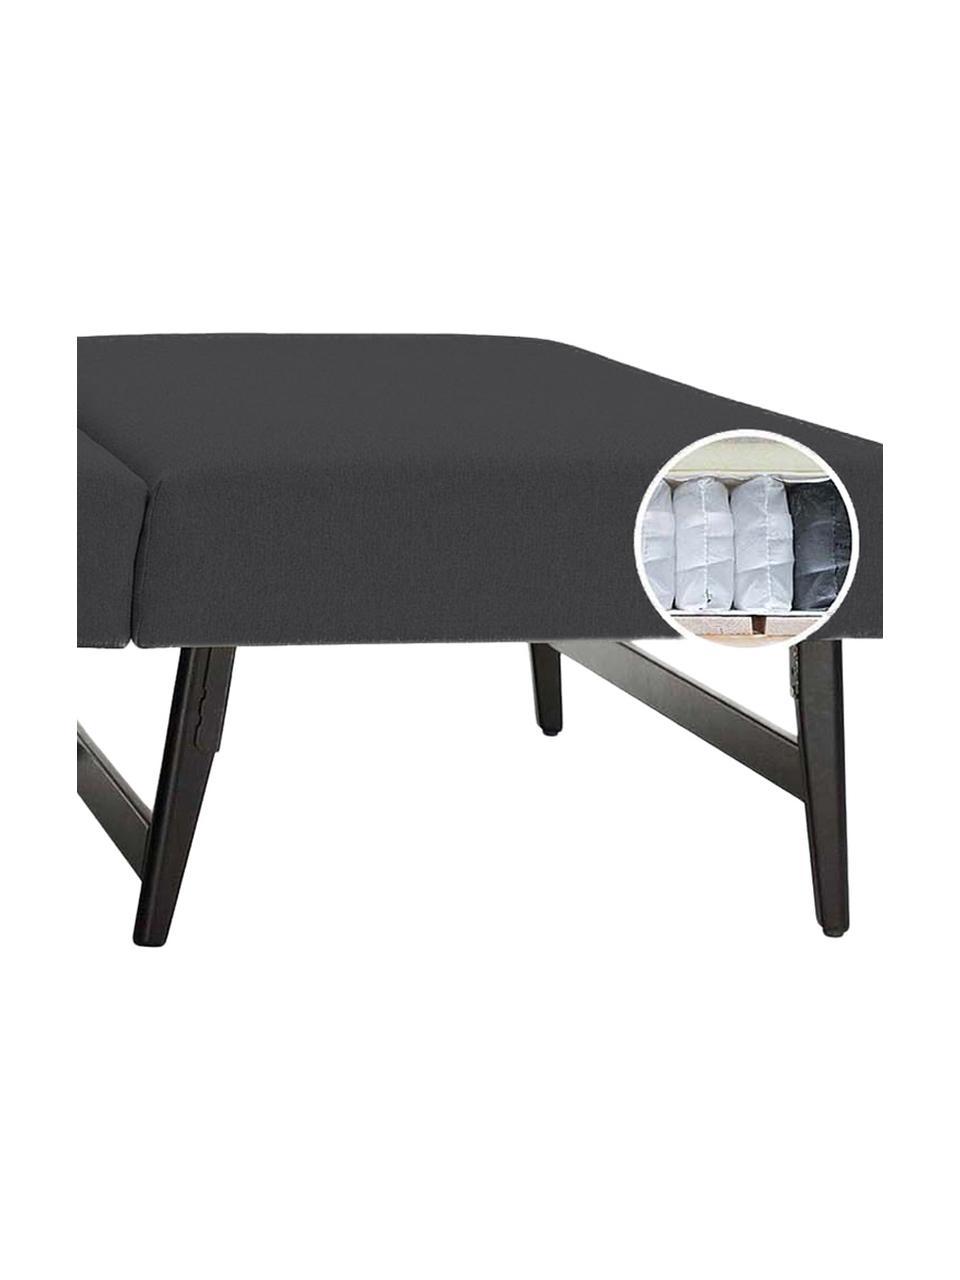 Schlafsofa Bruno (2-Sitzer) in Anthrazit, ausklappbar, Bezug: Pflegeleichtes robustes P, Rahmen: Massivholz, Webstoff Anthrazit, B 180 x T 84 cm